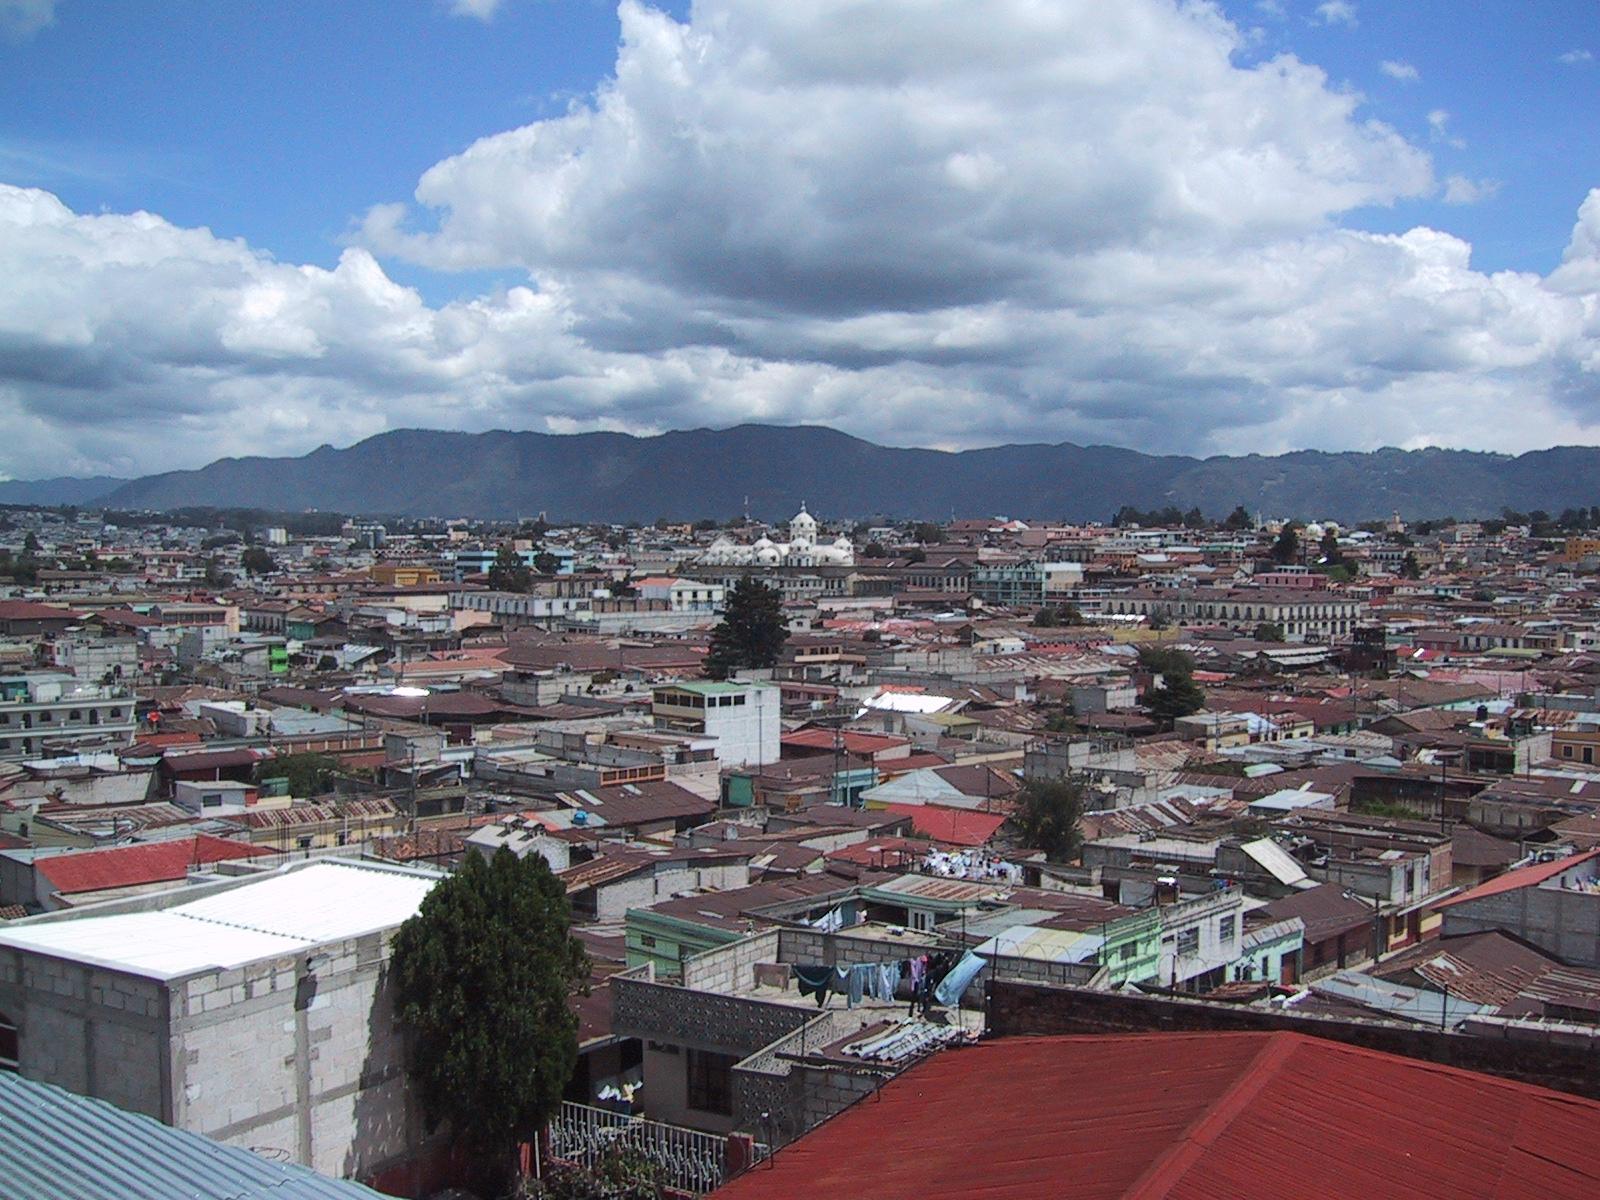 Quetzaltenango (Xela), Guatemala PART 1 | No Hay Bronca